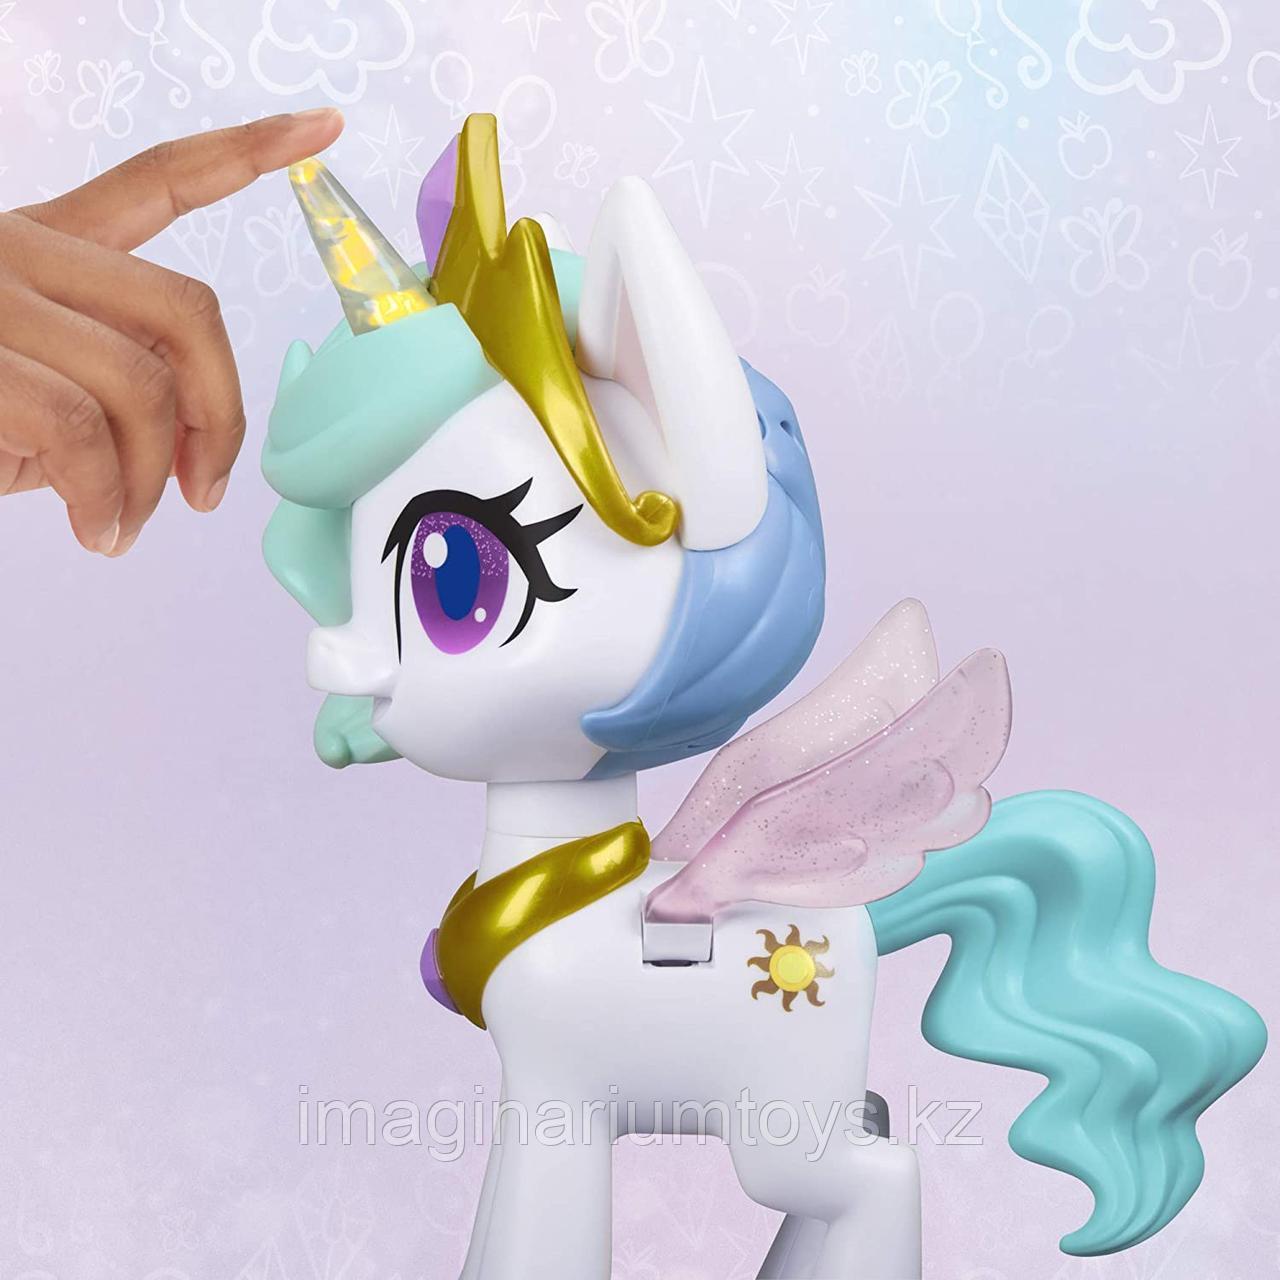 Интерактивный единорог Селестия My Little Pony - фото 3